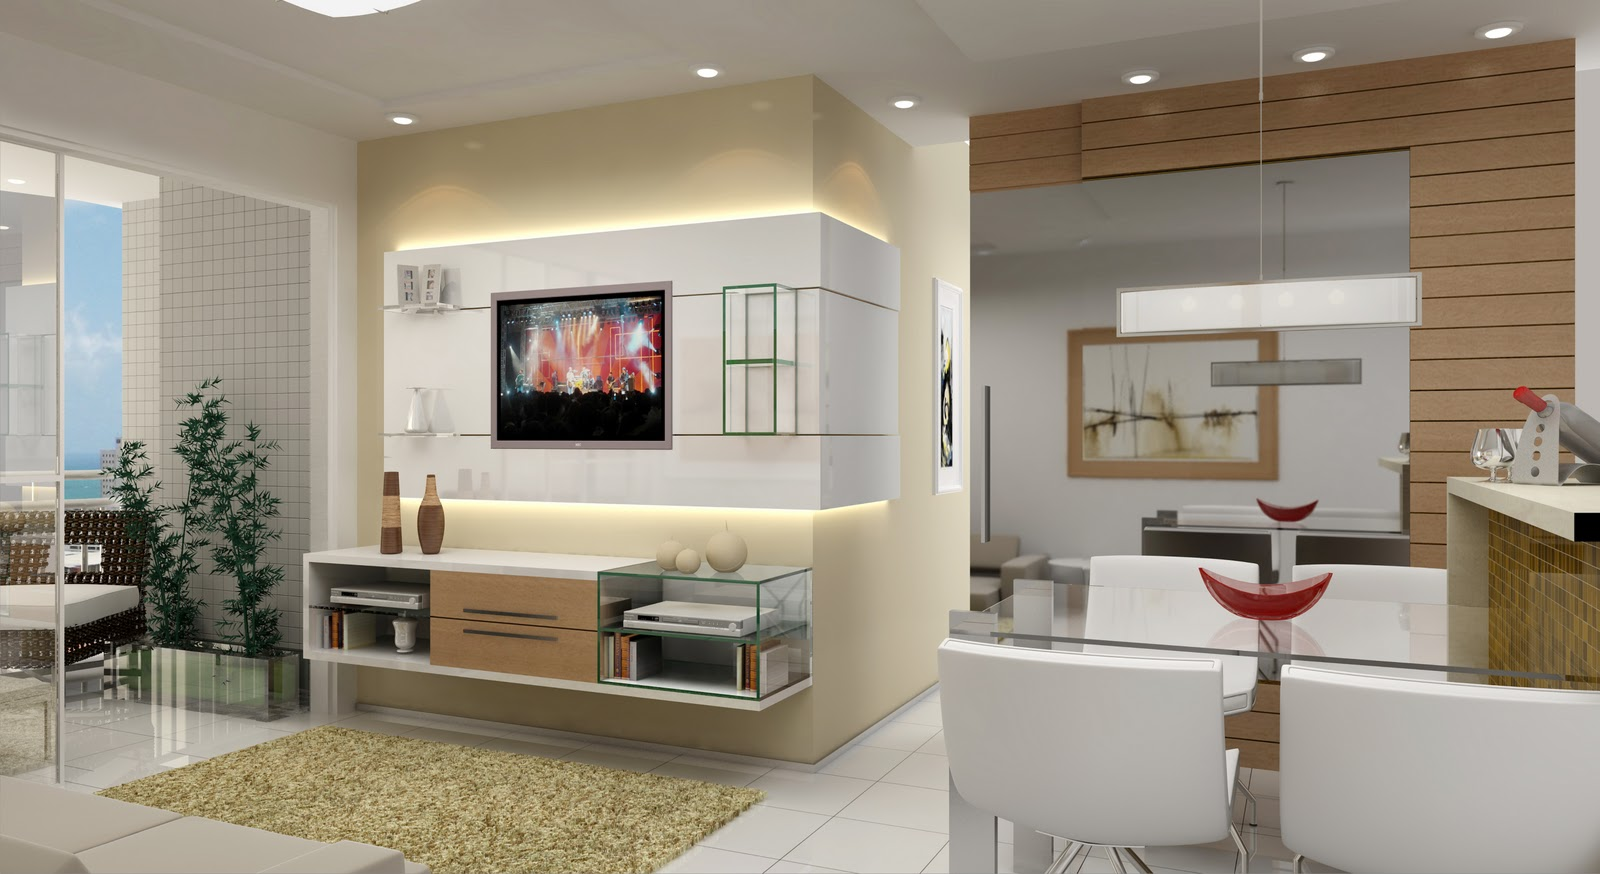 11 Modelos de Casas Decoradas com Gesso #3D6D8E 1600 874